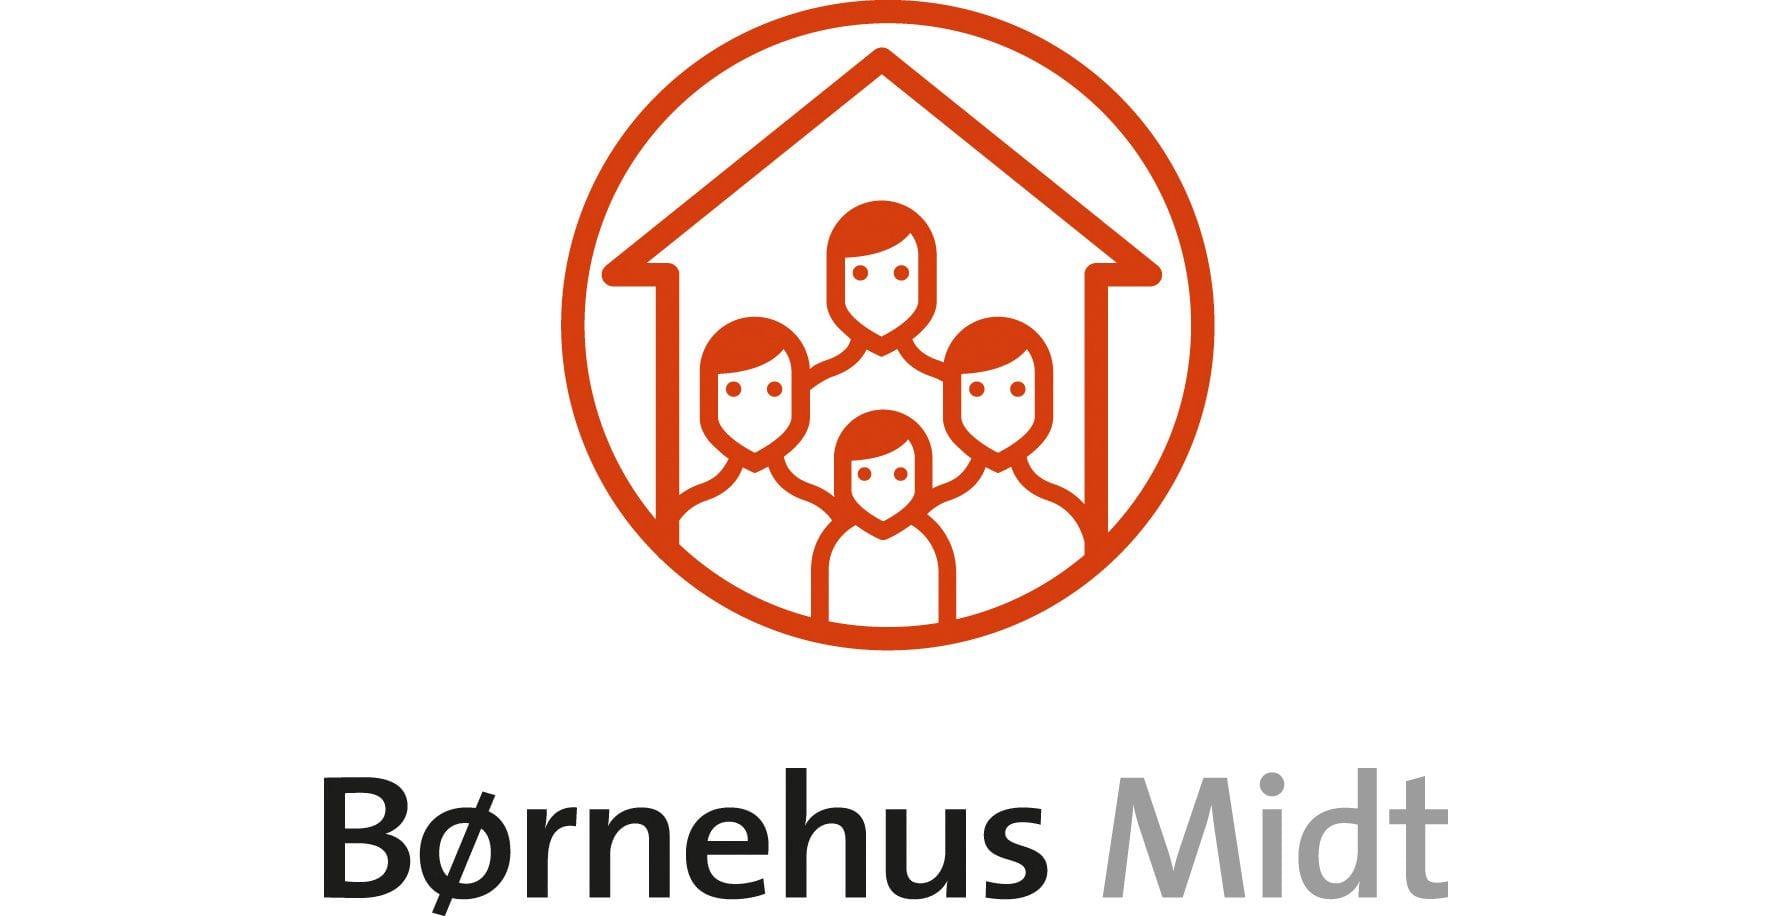 Børnehus Midt logo